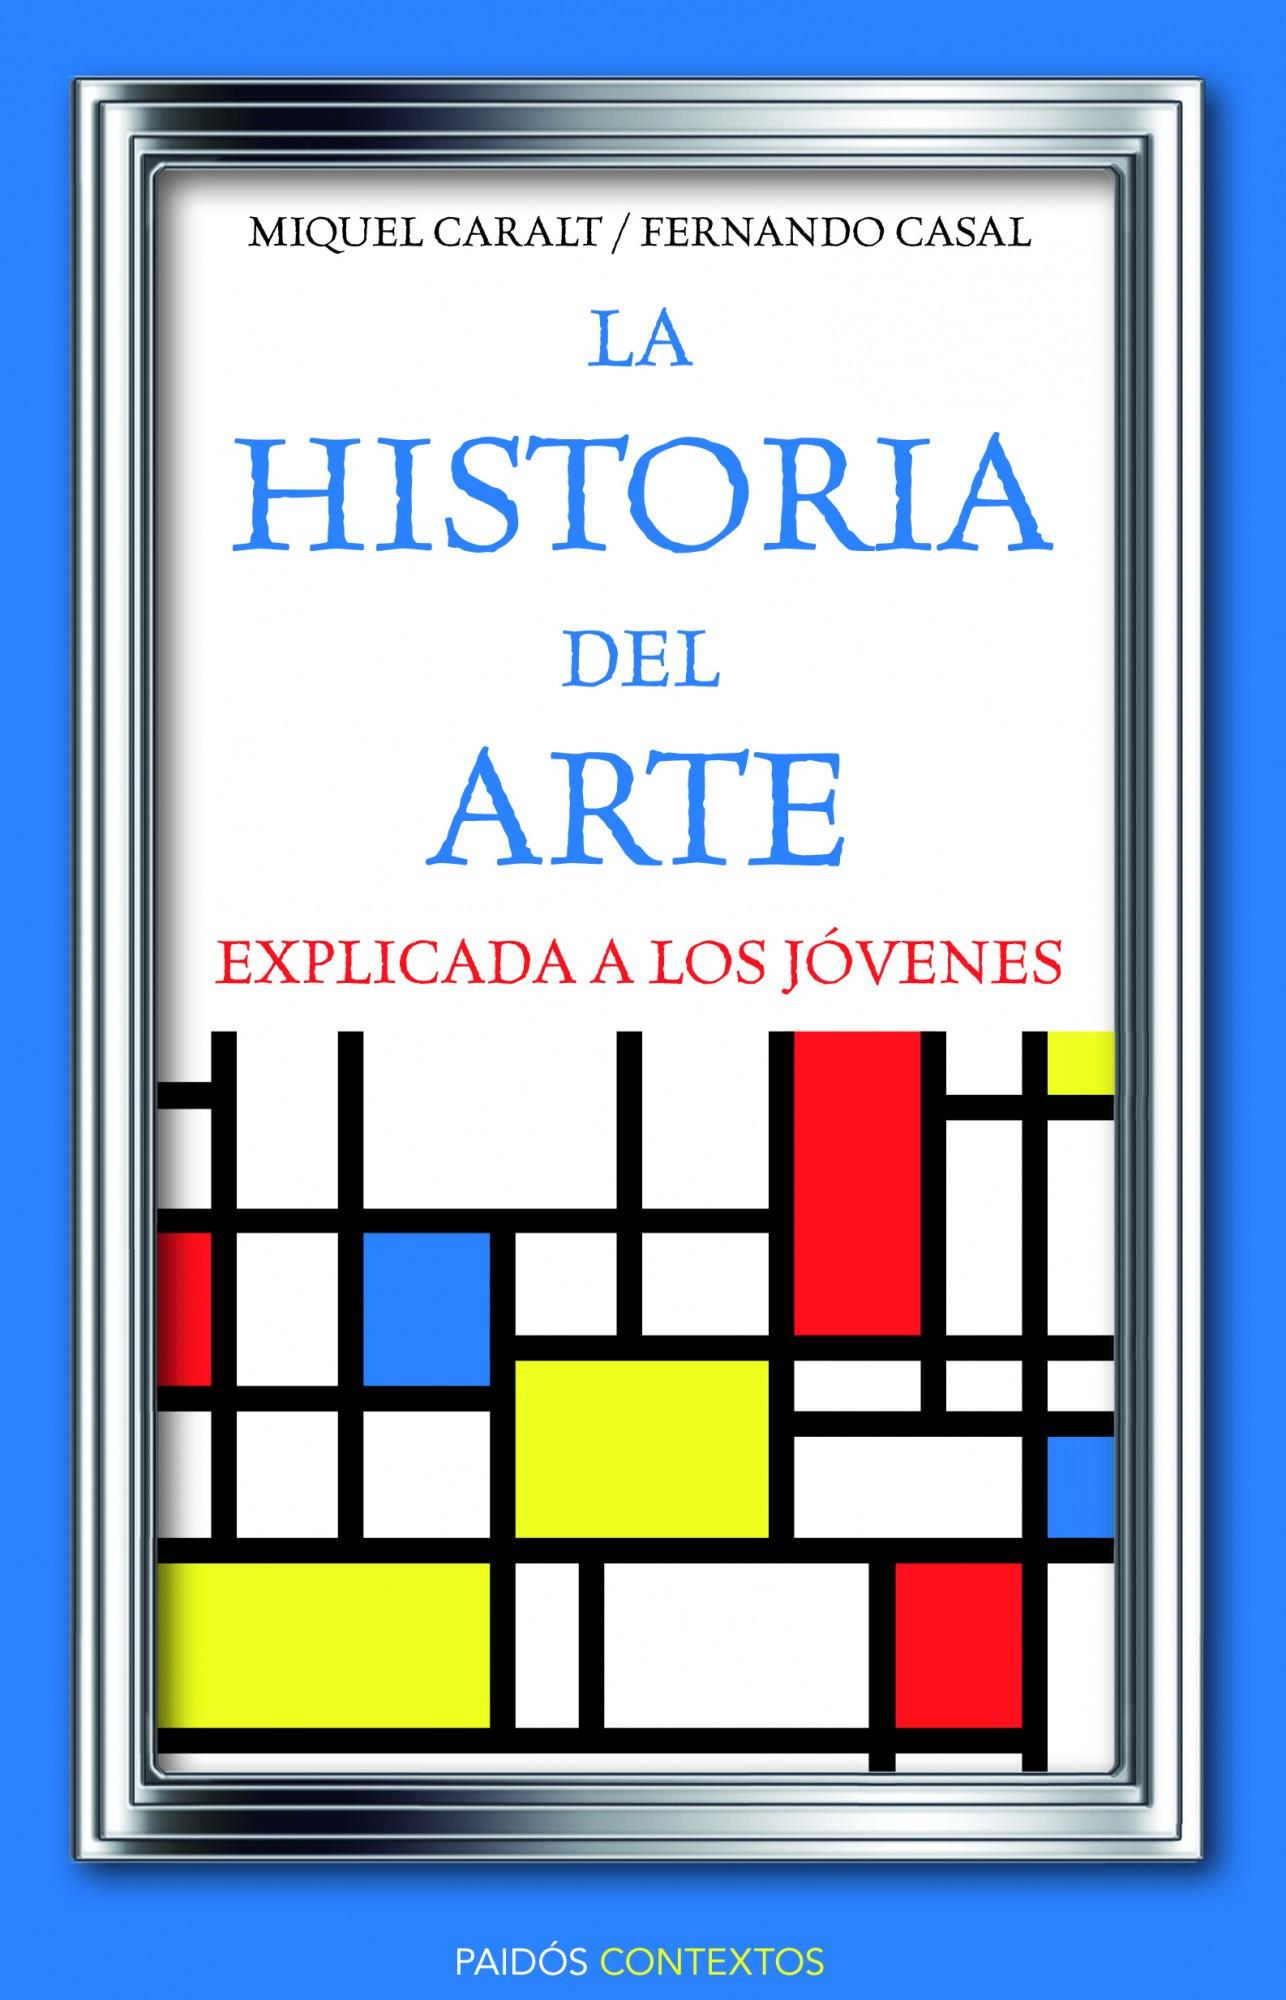 Resultado de imagen de La historia del arte explicada a los jóvenes. Miquel Caralt, Fernando Casal